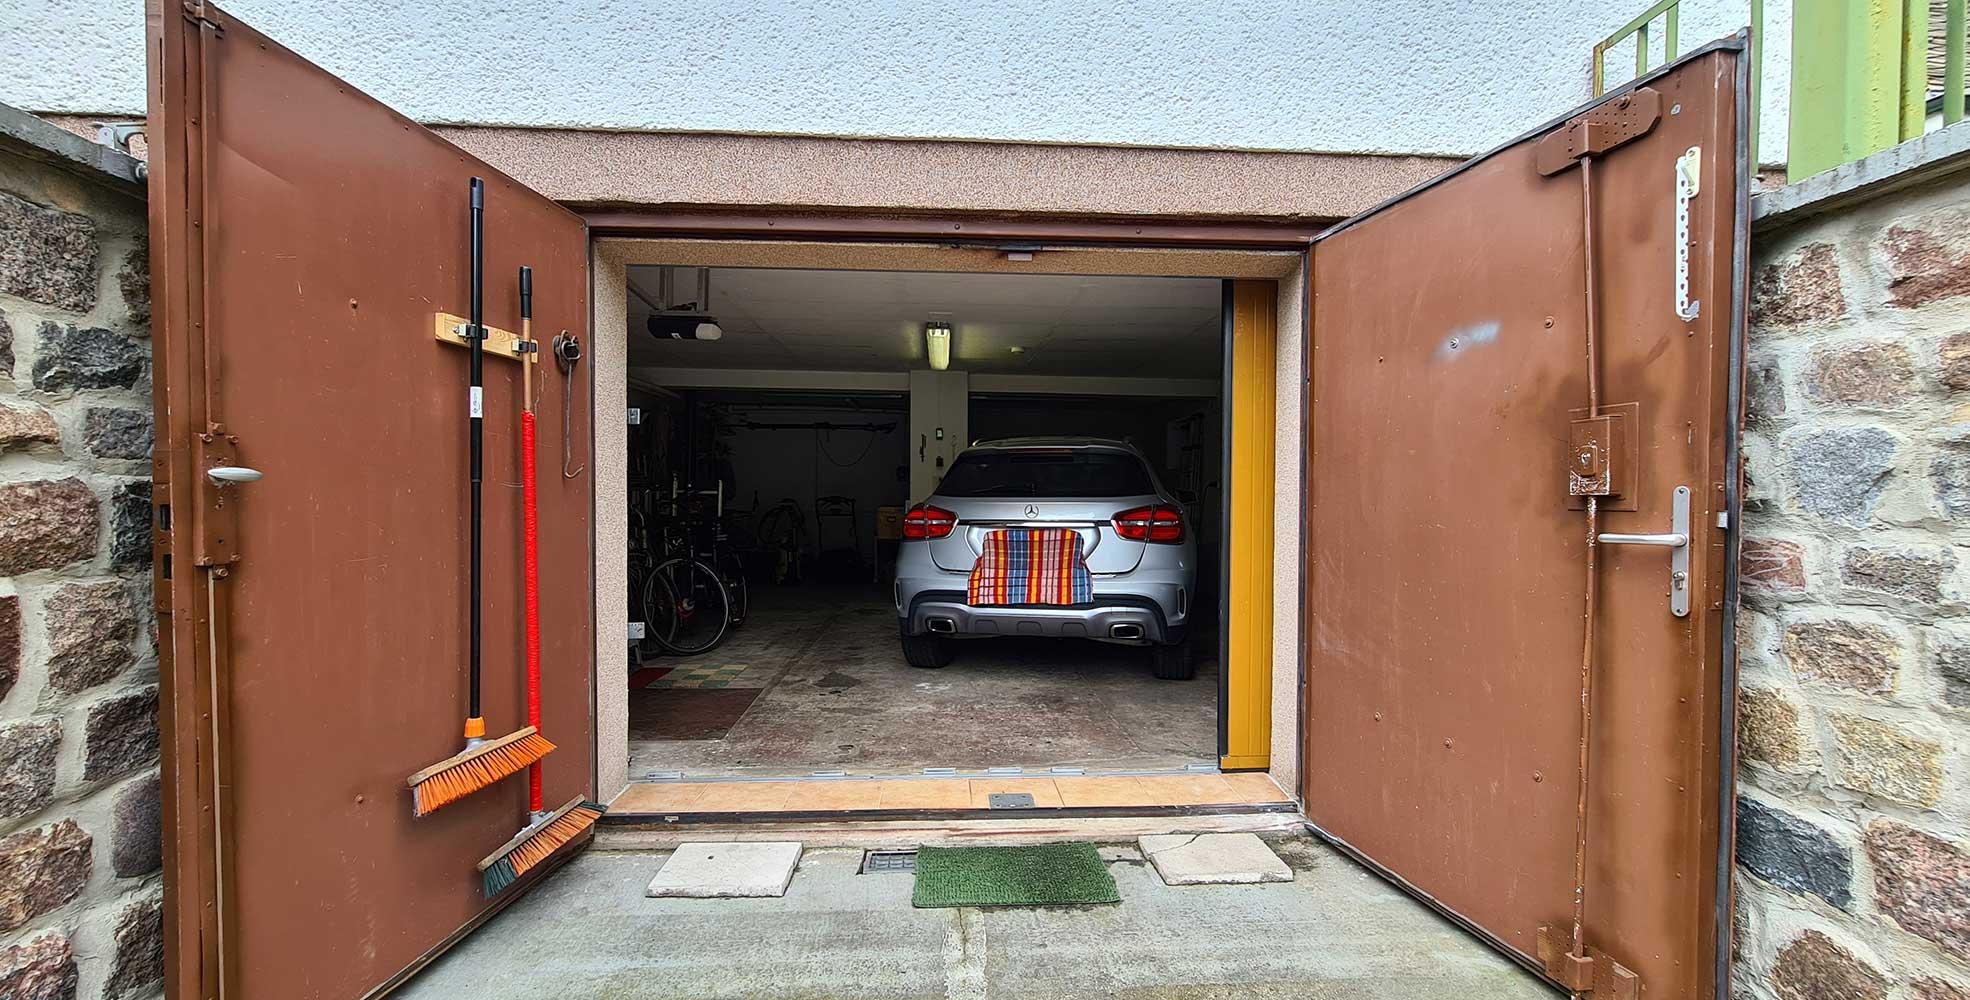 Einfamilienhaus in Berlin - Kaulsdorf - Garage